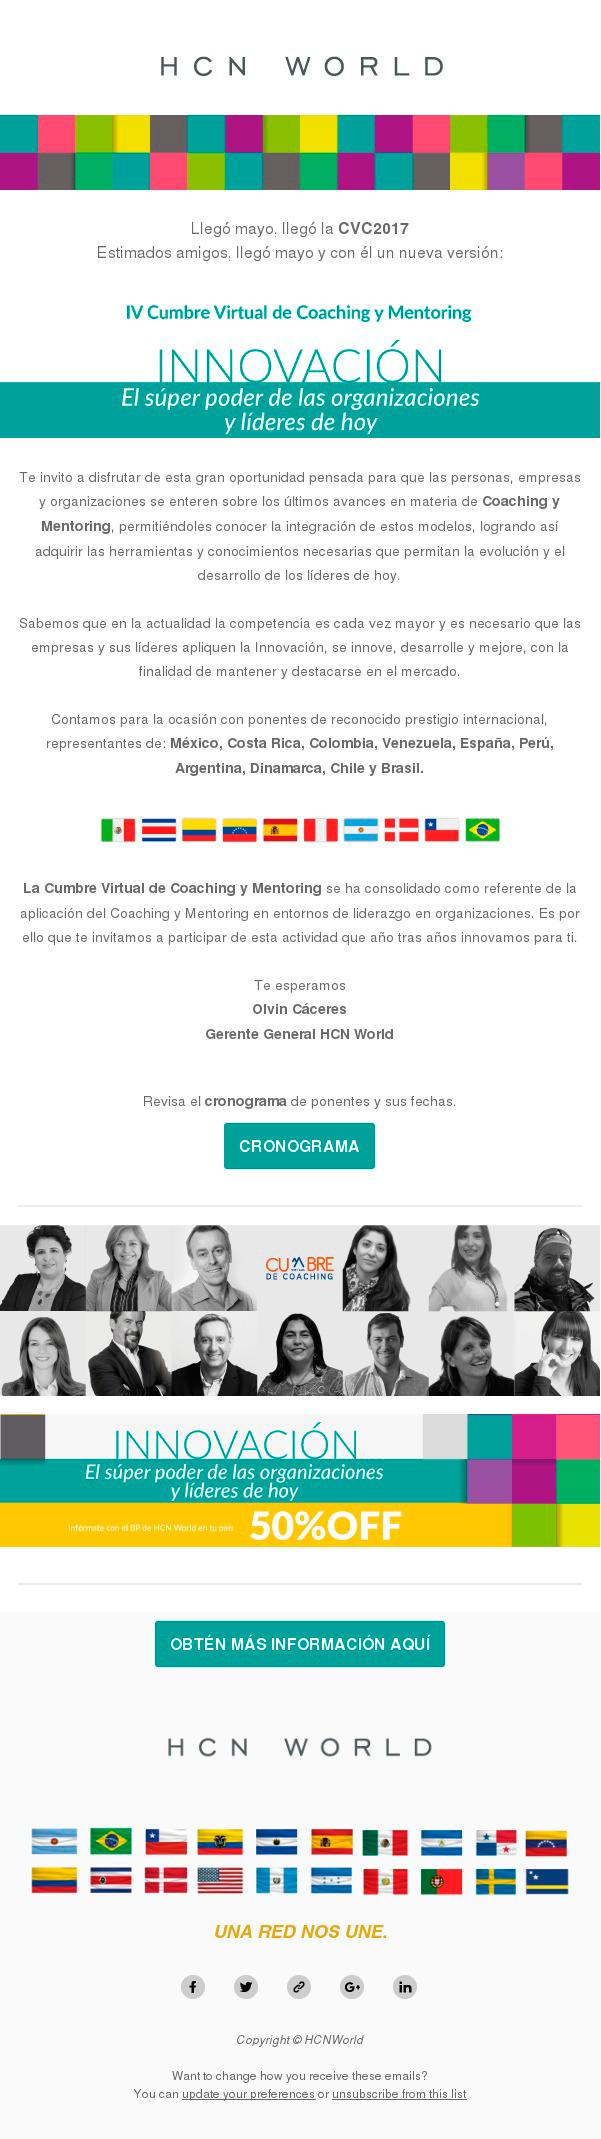 Newsletter HCN sobre la próxima Cumbre Virtual de Coaching